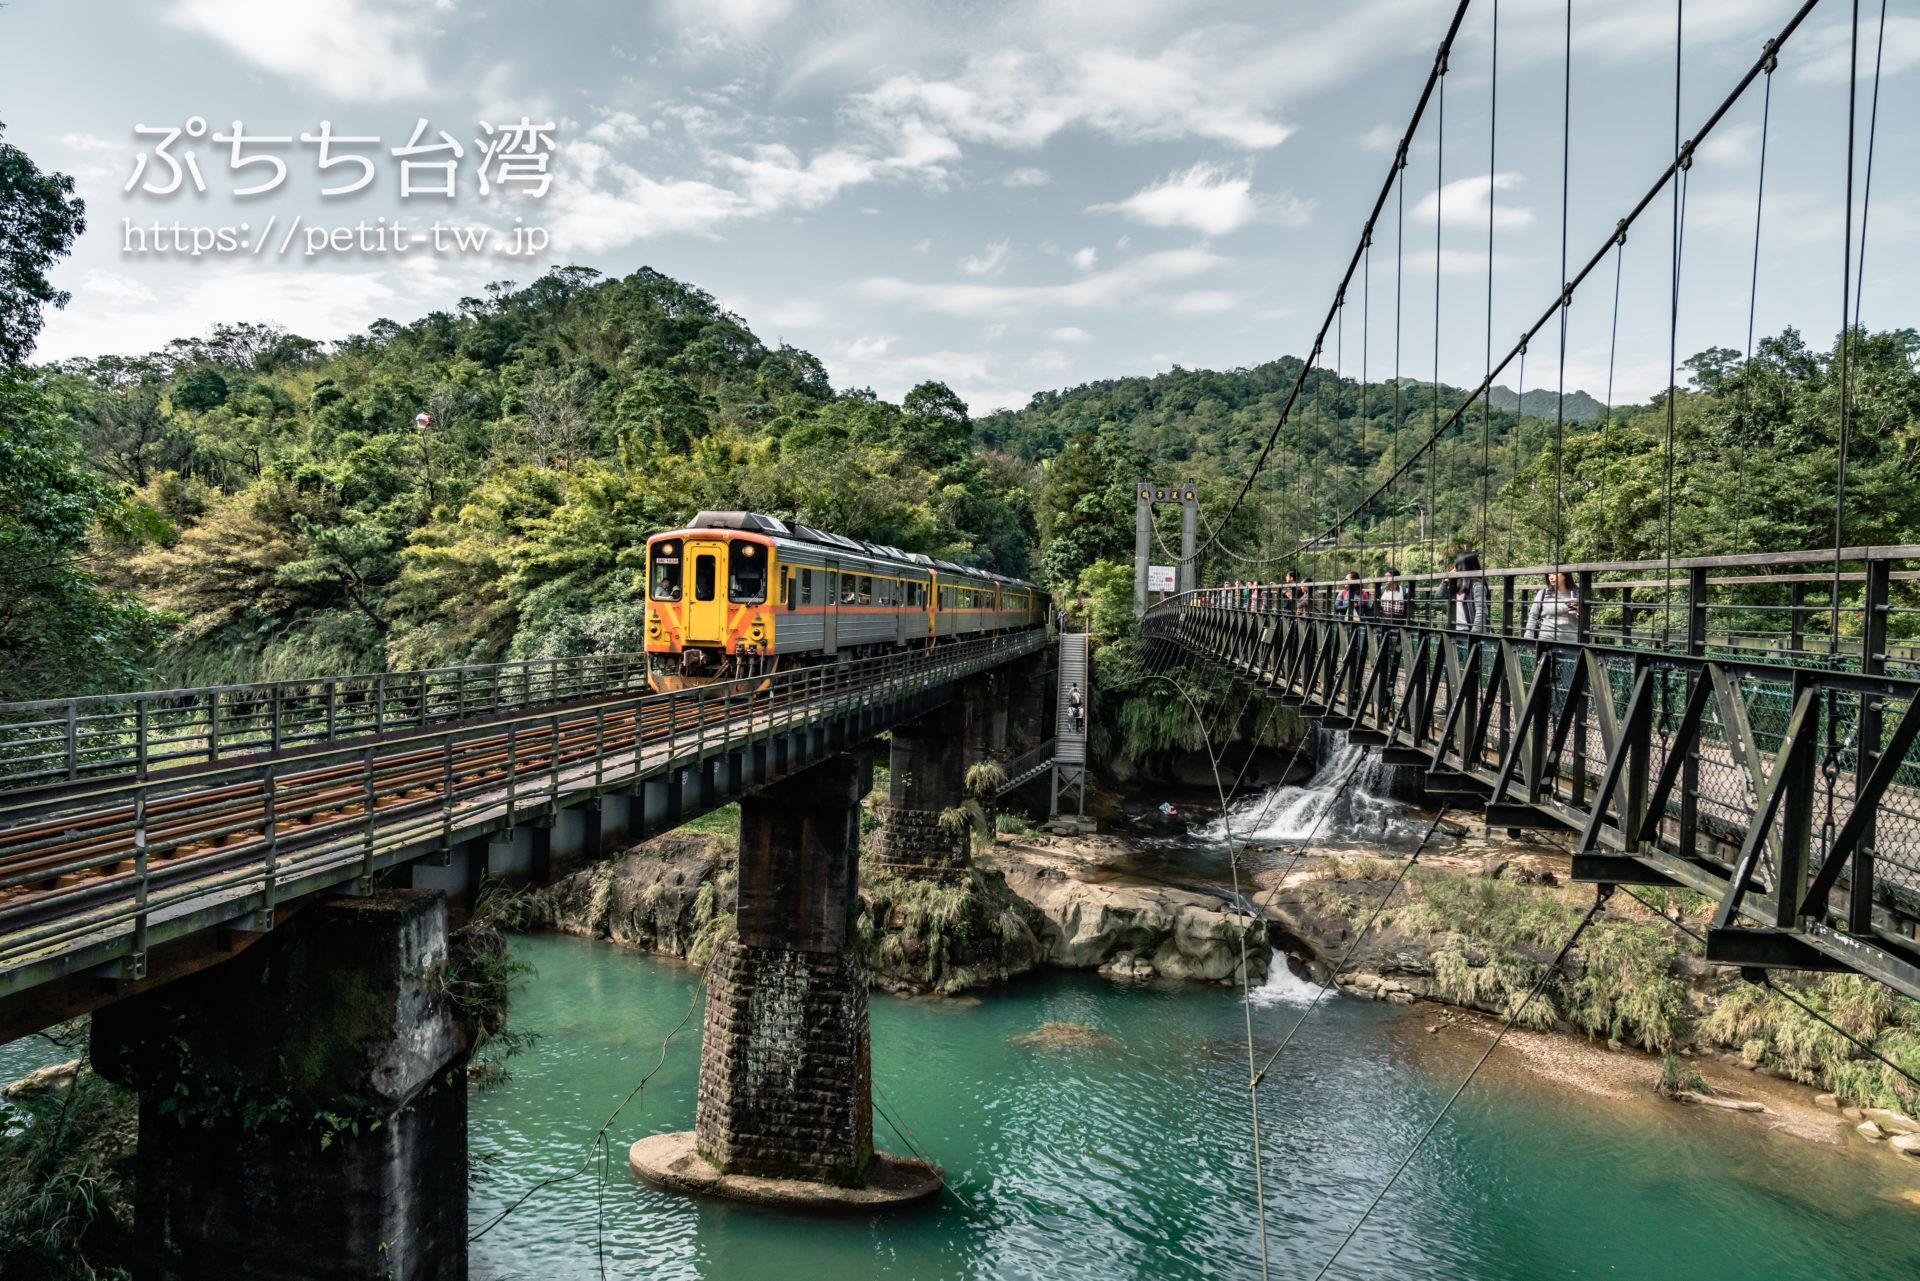 十分瀑布の觀瀑吊橋と平渓線